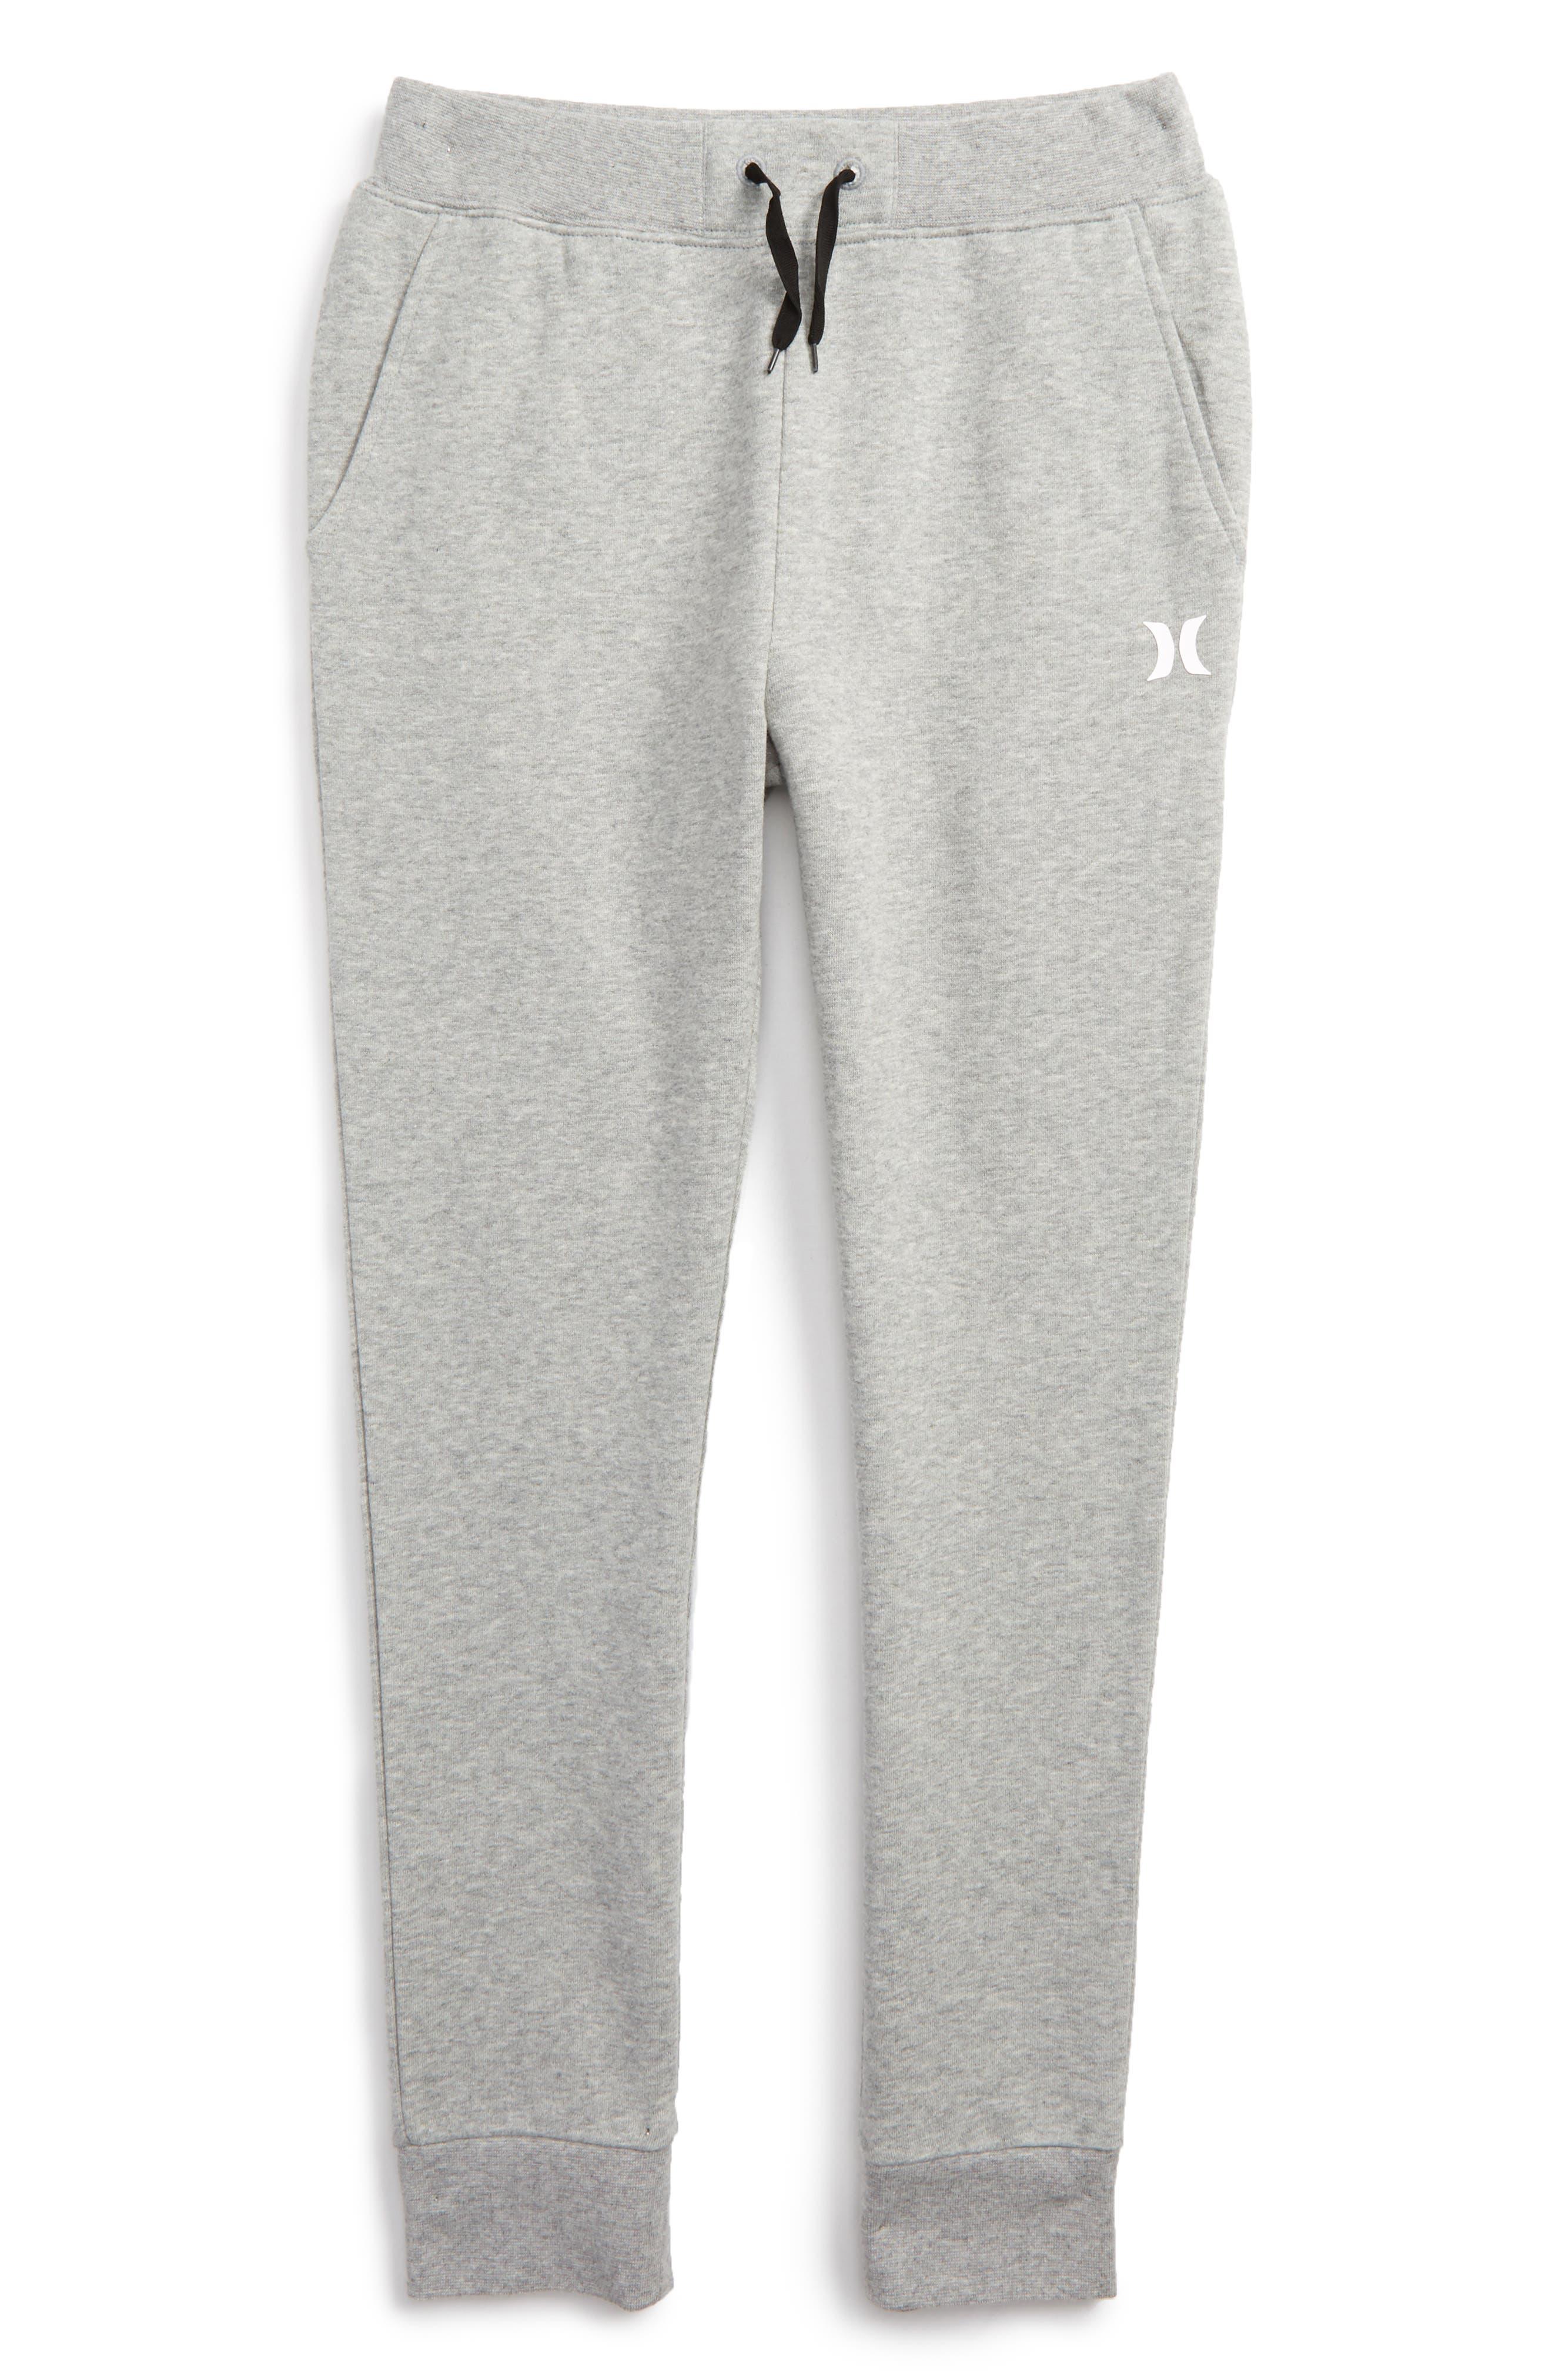 HURLEY Core Fleece Pants